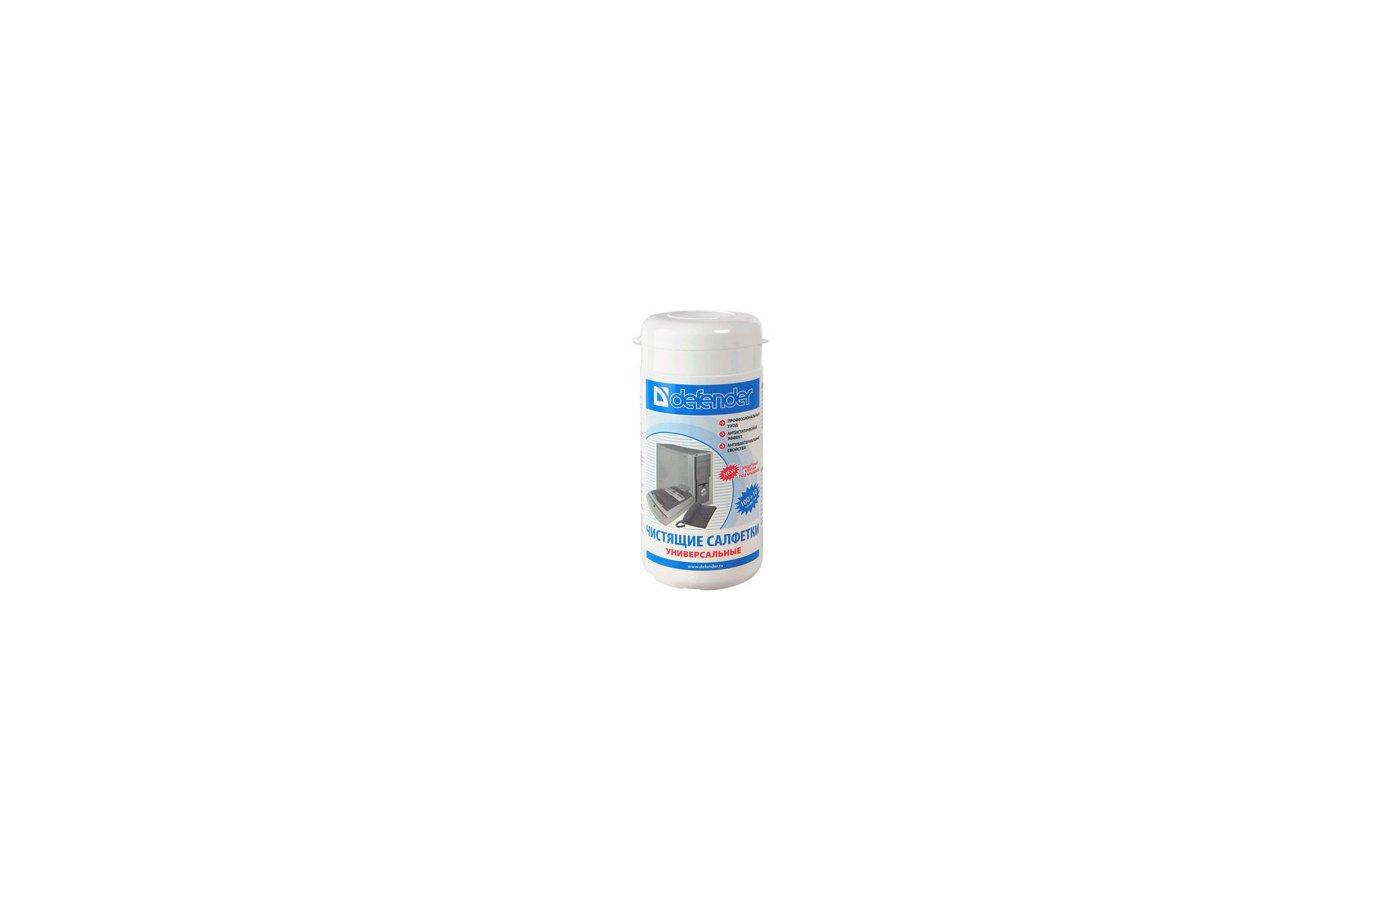 Чистящее средство Defender CLN30100 Салфетки чистящие влажные универсальные в тубе (110шт)